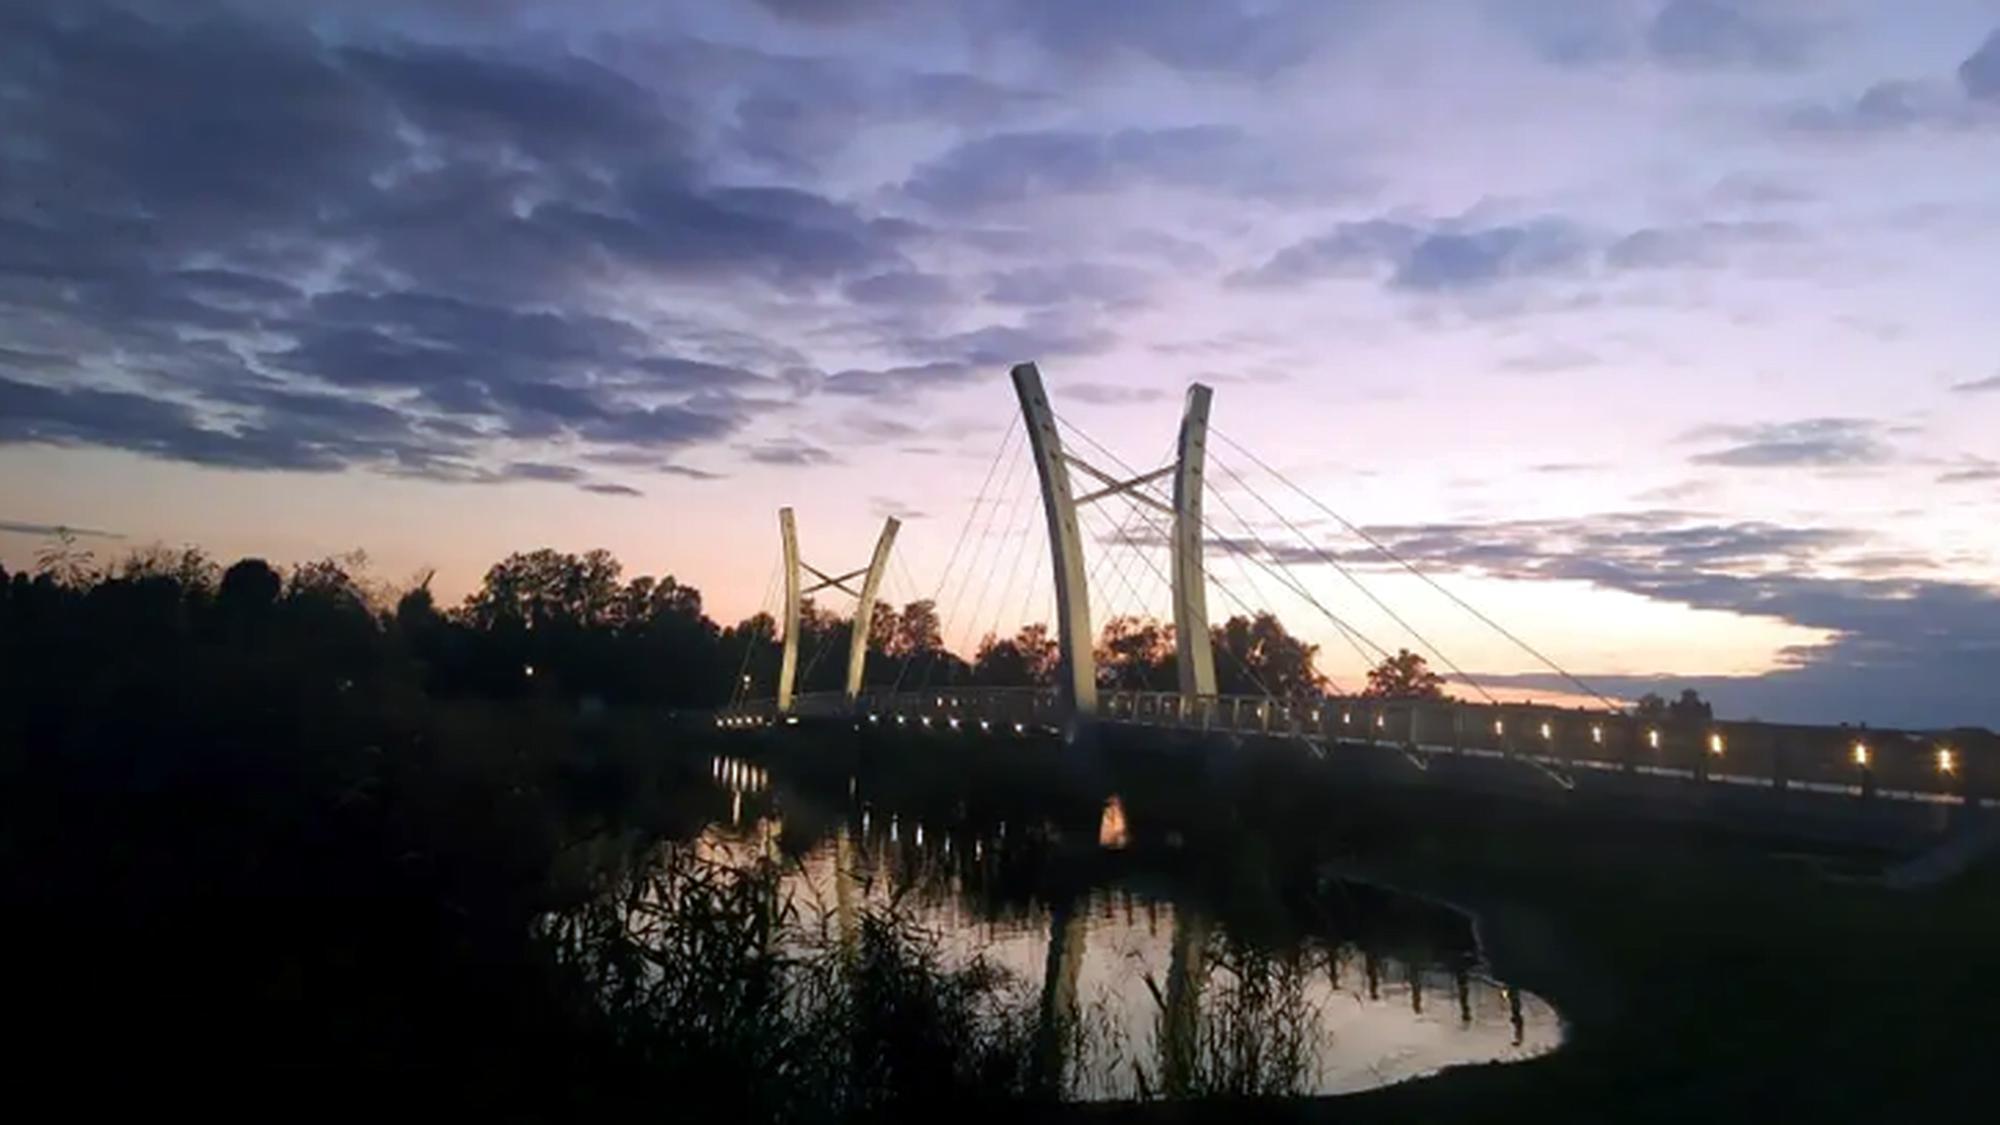 Kórnik: Oficjalne otwarcie kładki przez jezioro Kórnickie